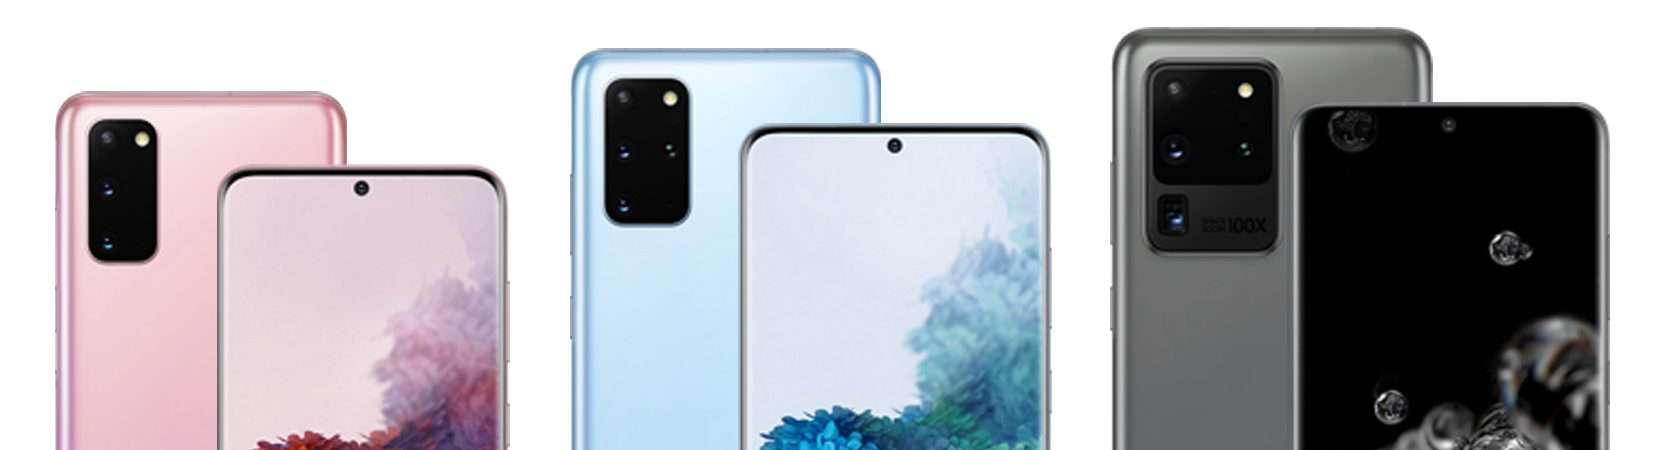 Galaxy S20, S20+ e S20 Ultra (Imagem: divulgação/Samsung)